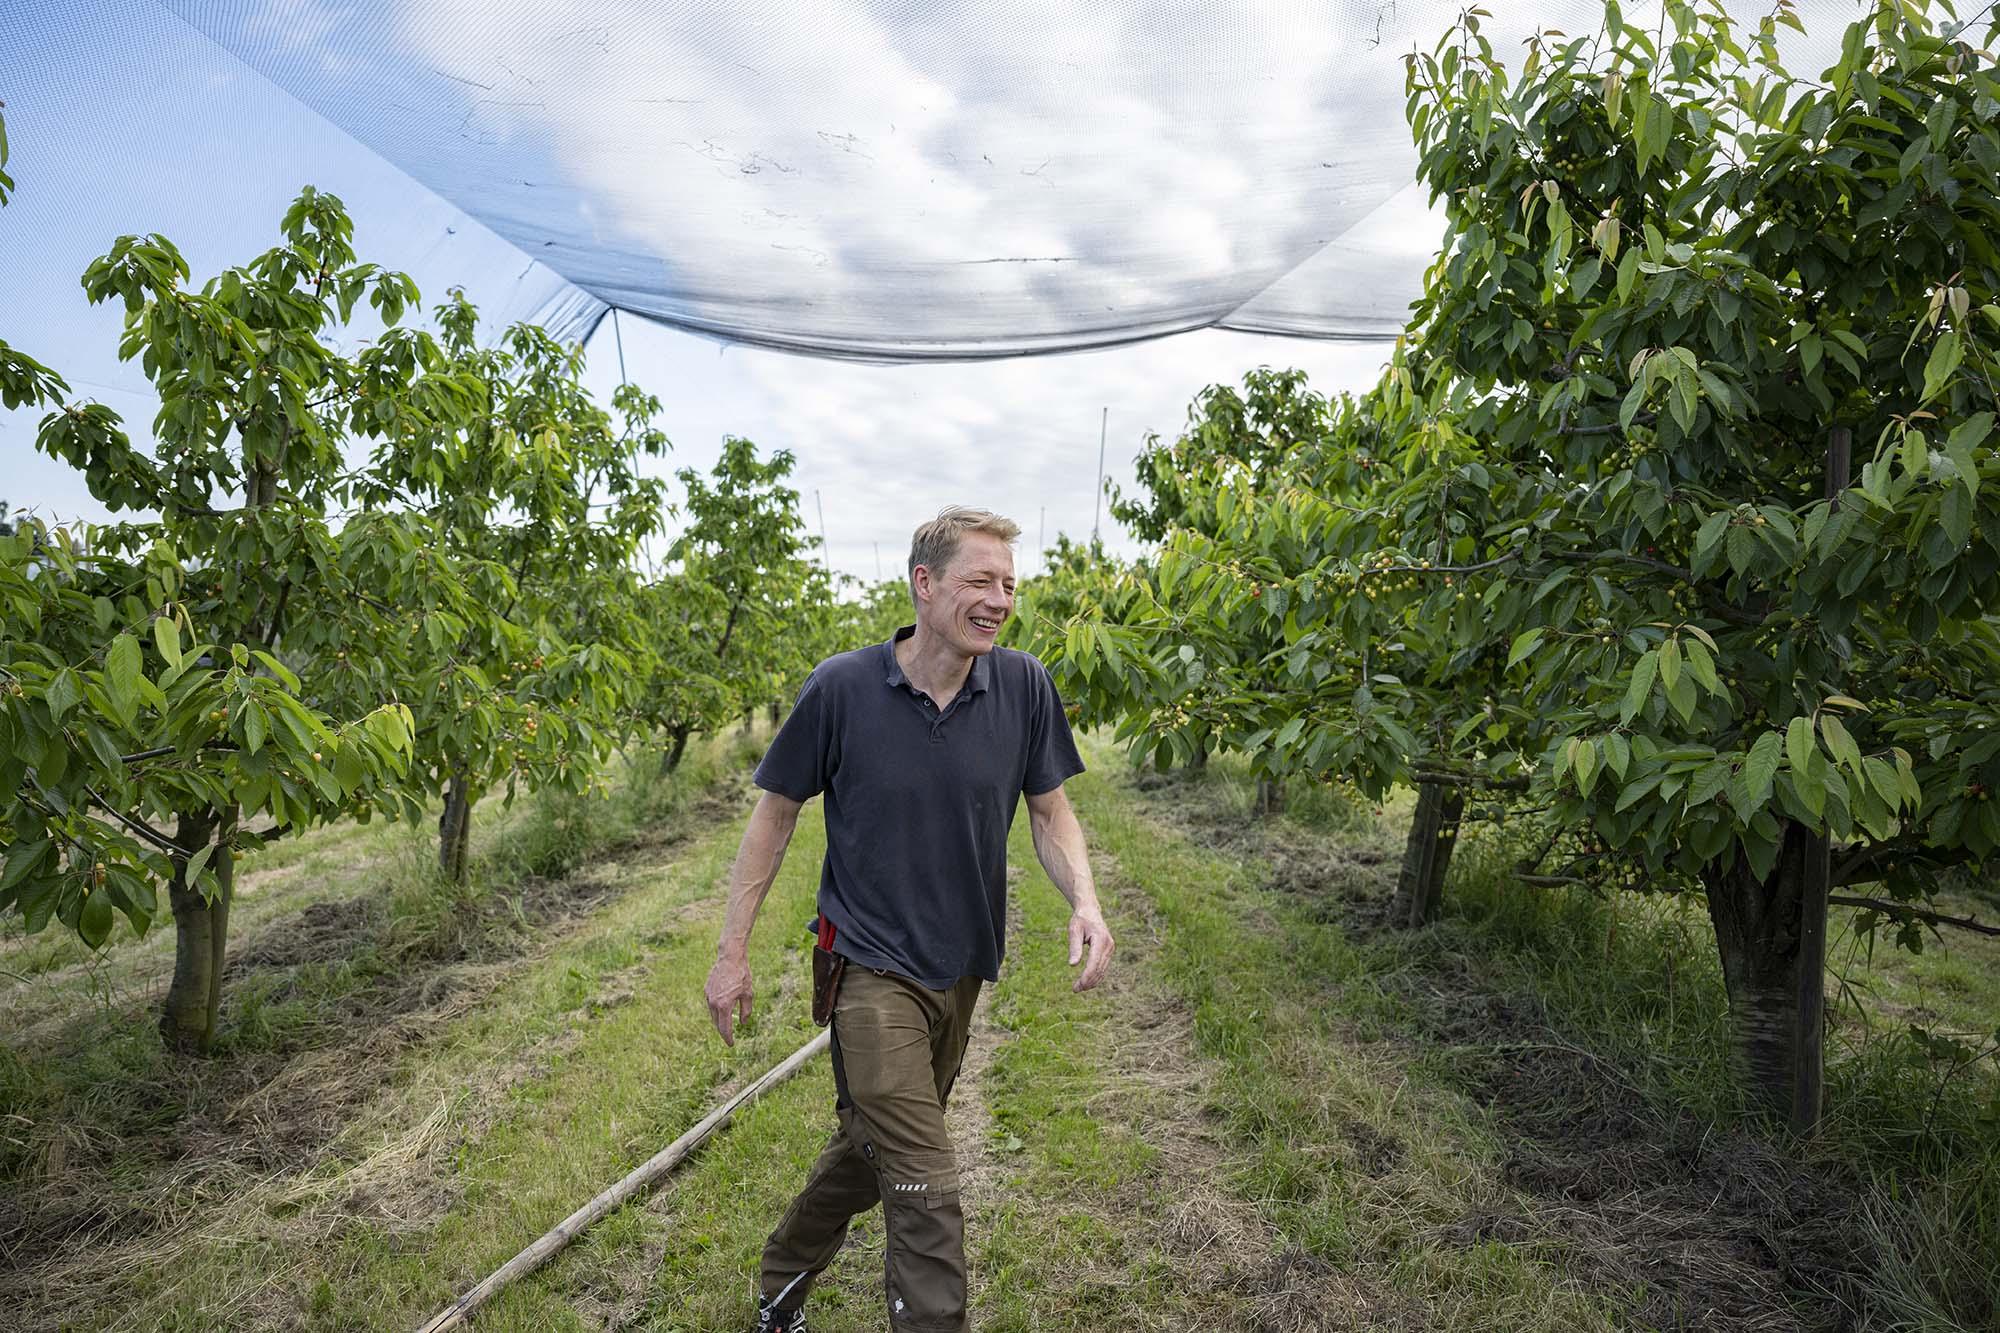 Cord Lefers hat die Netze fertig gespannt. Der Holzstab, den er zum Ziehen der Netze benutzt hat, liegt im Gras. Er lächelt und verlässt das Feld, um auf dem Familienbetrieb, der diverse Sorten Obst anbaut, weiter zu arbeiten.